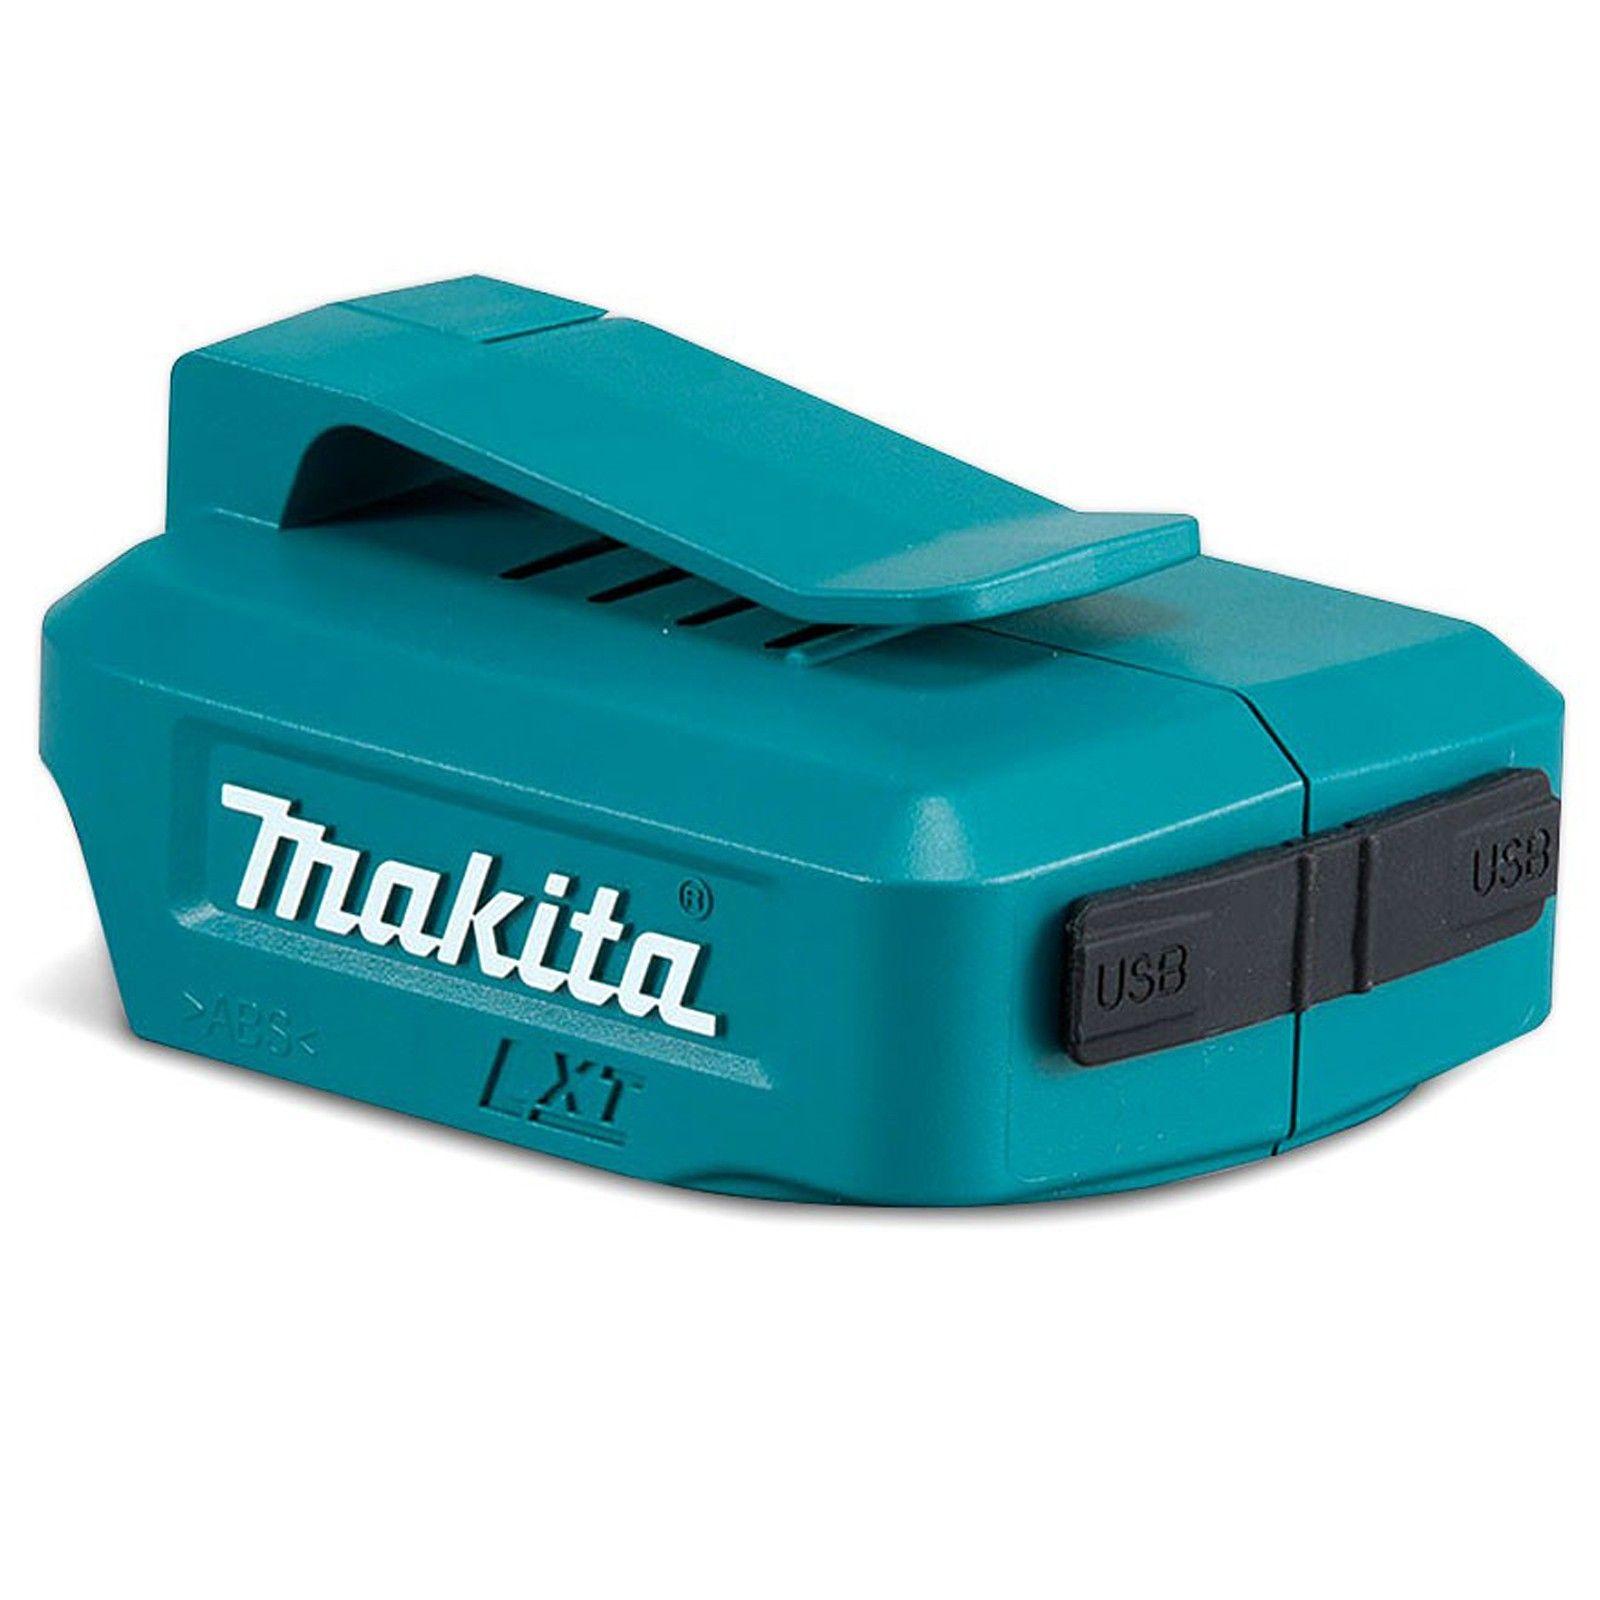 Makita 18v USB Charger Adaptor @ Amazon - £14.99 Prime (+£4.49 non-Prime)